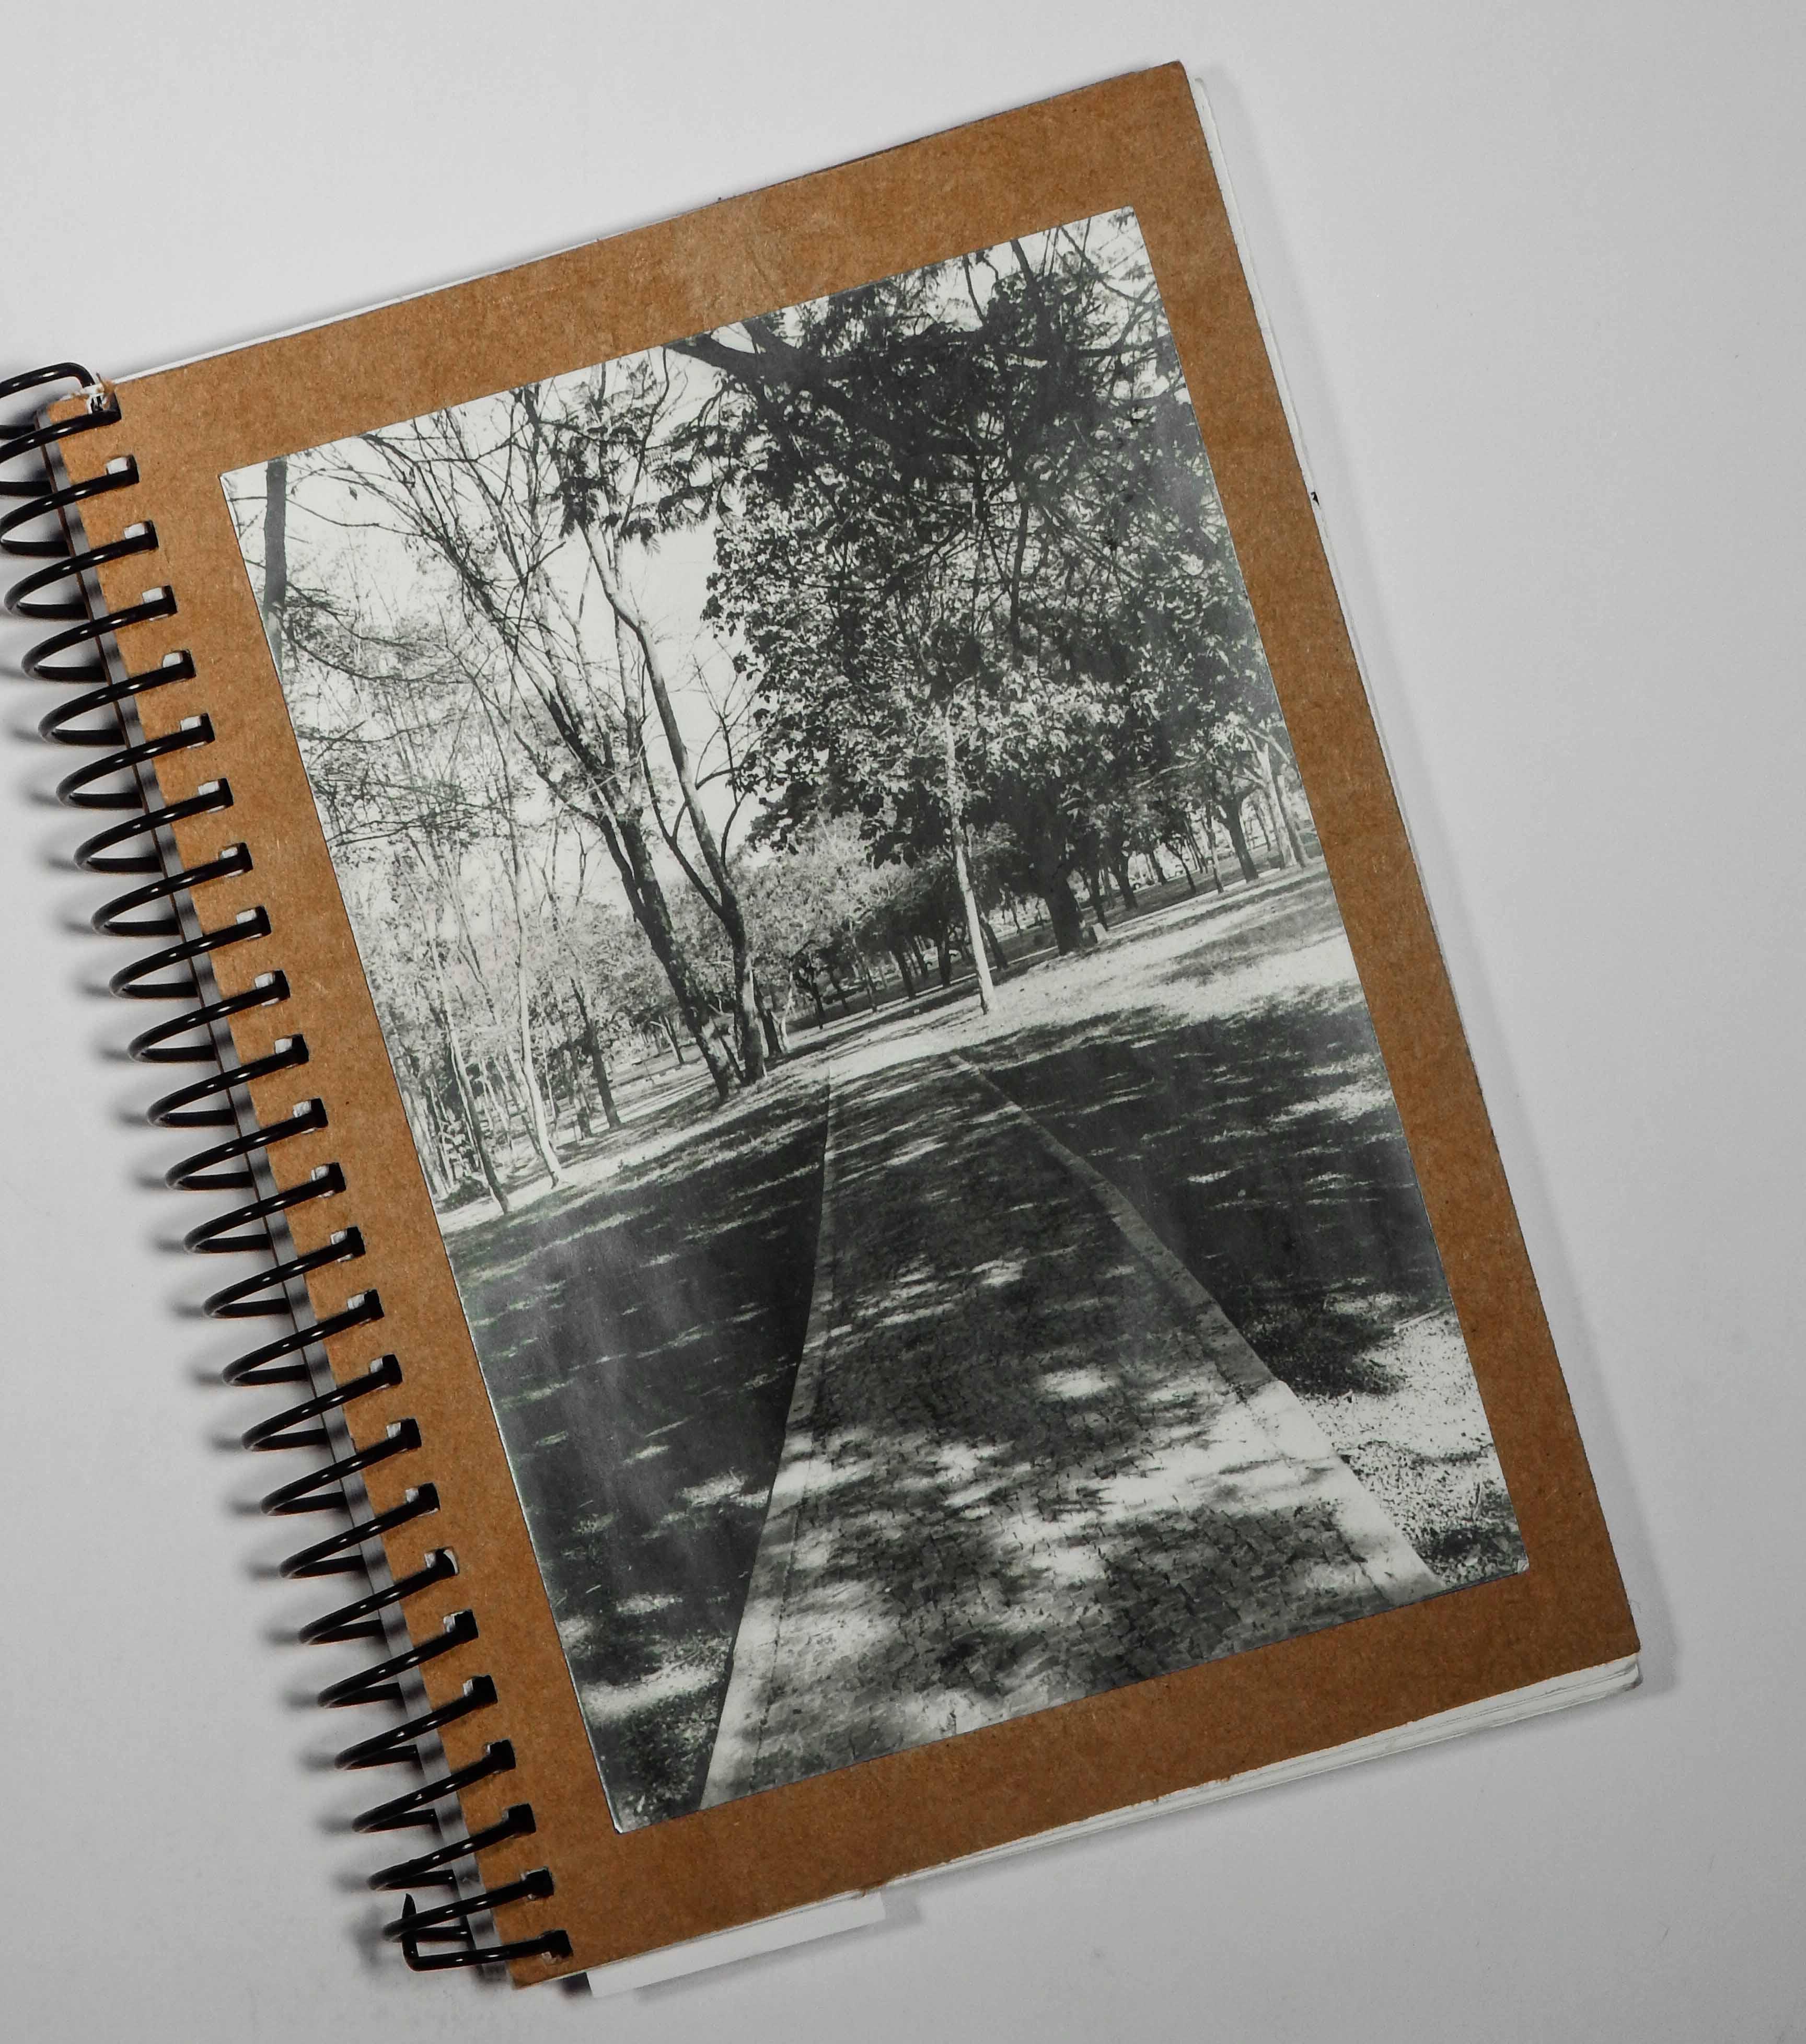 Capa do Caderno de Fotografia